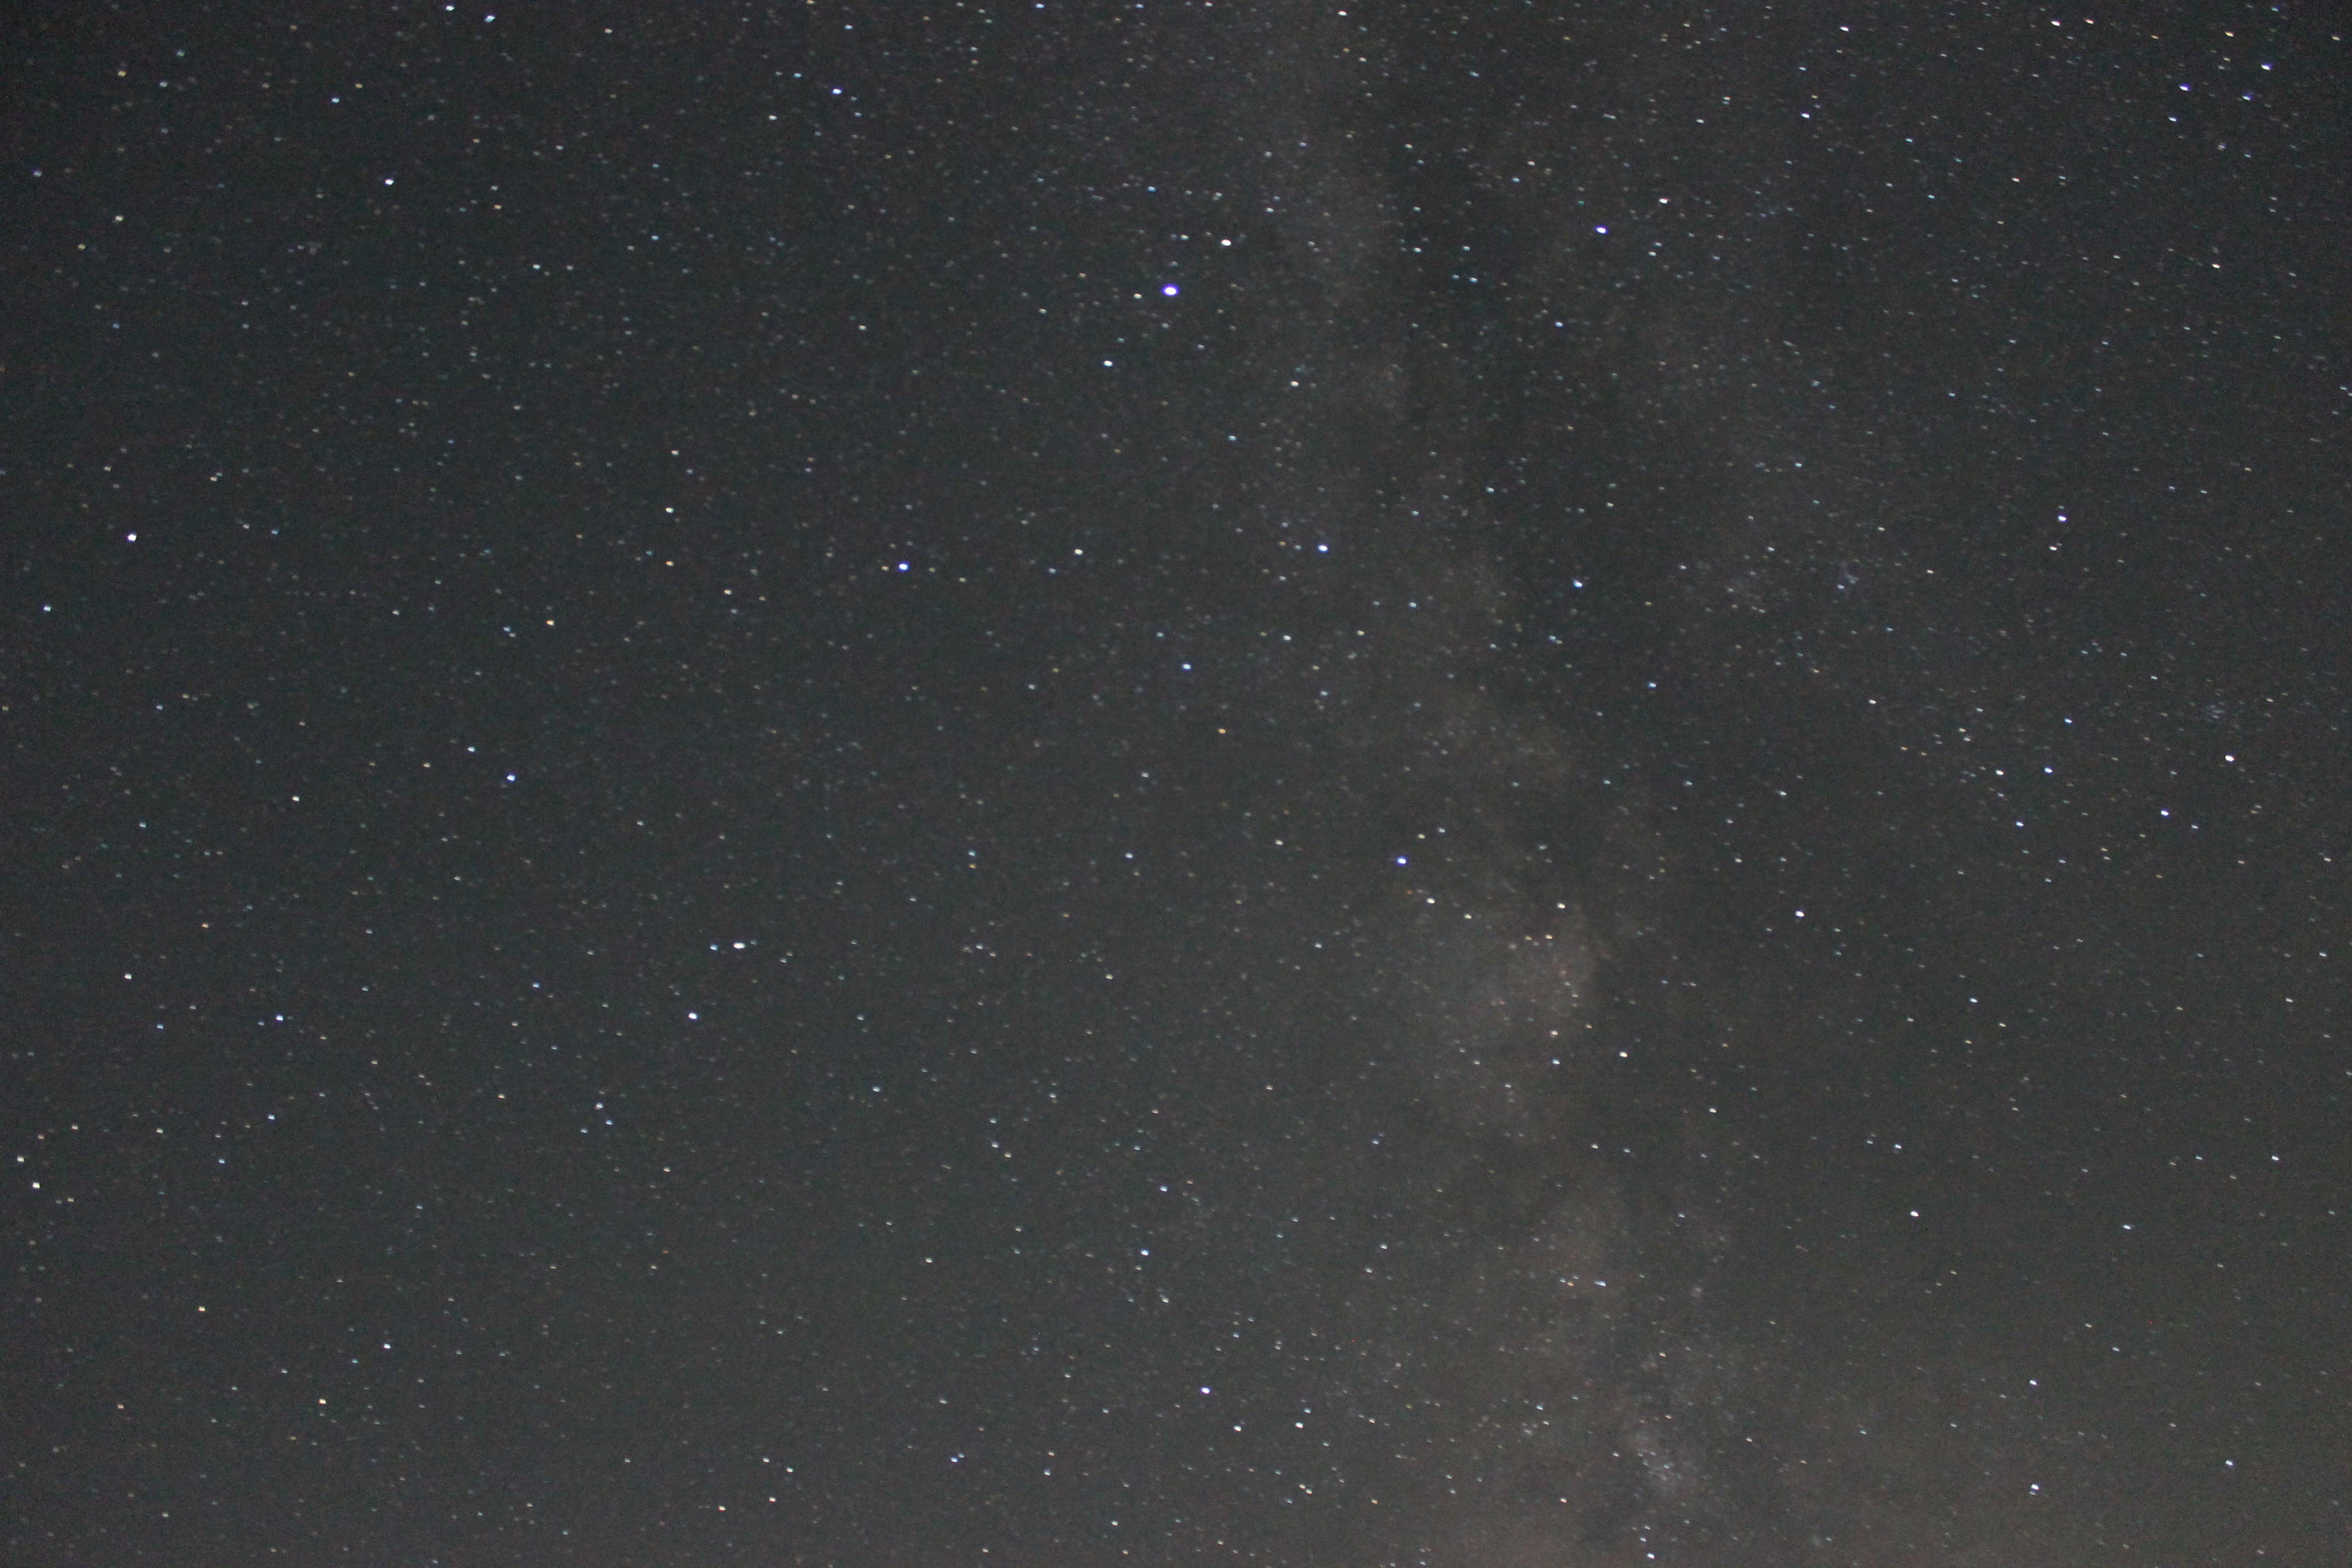 <b>夜空が暗く見える場所で、月もまだ出ていない時間。南側の空の天の川を撮影した。天の川がしっかりと確認できる明るさになった。</b>